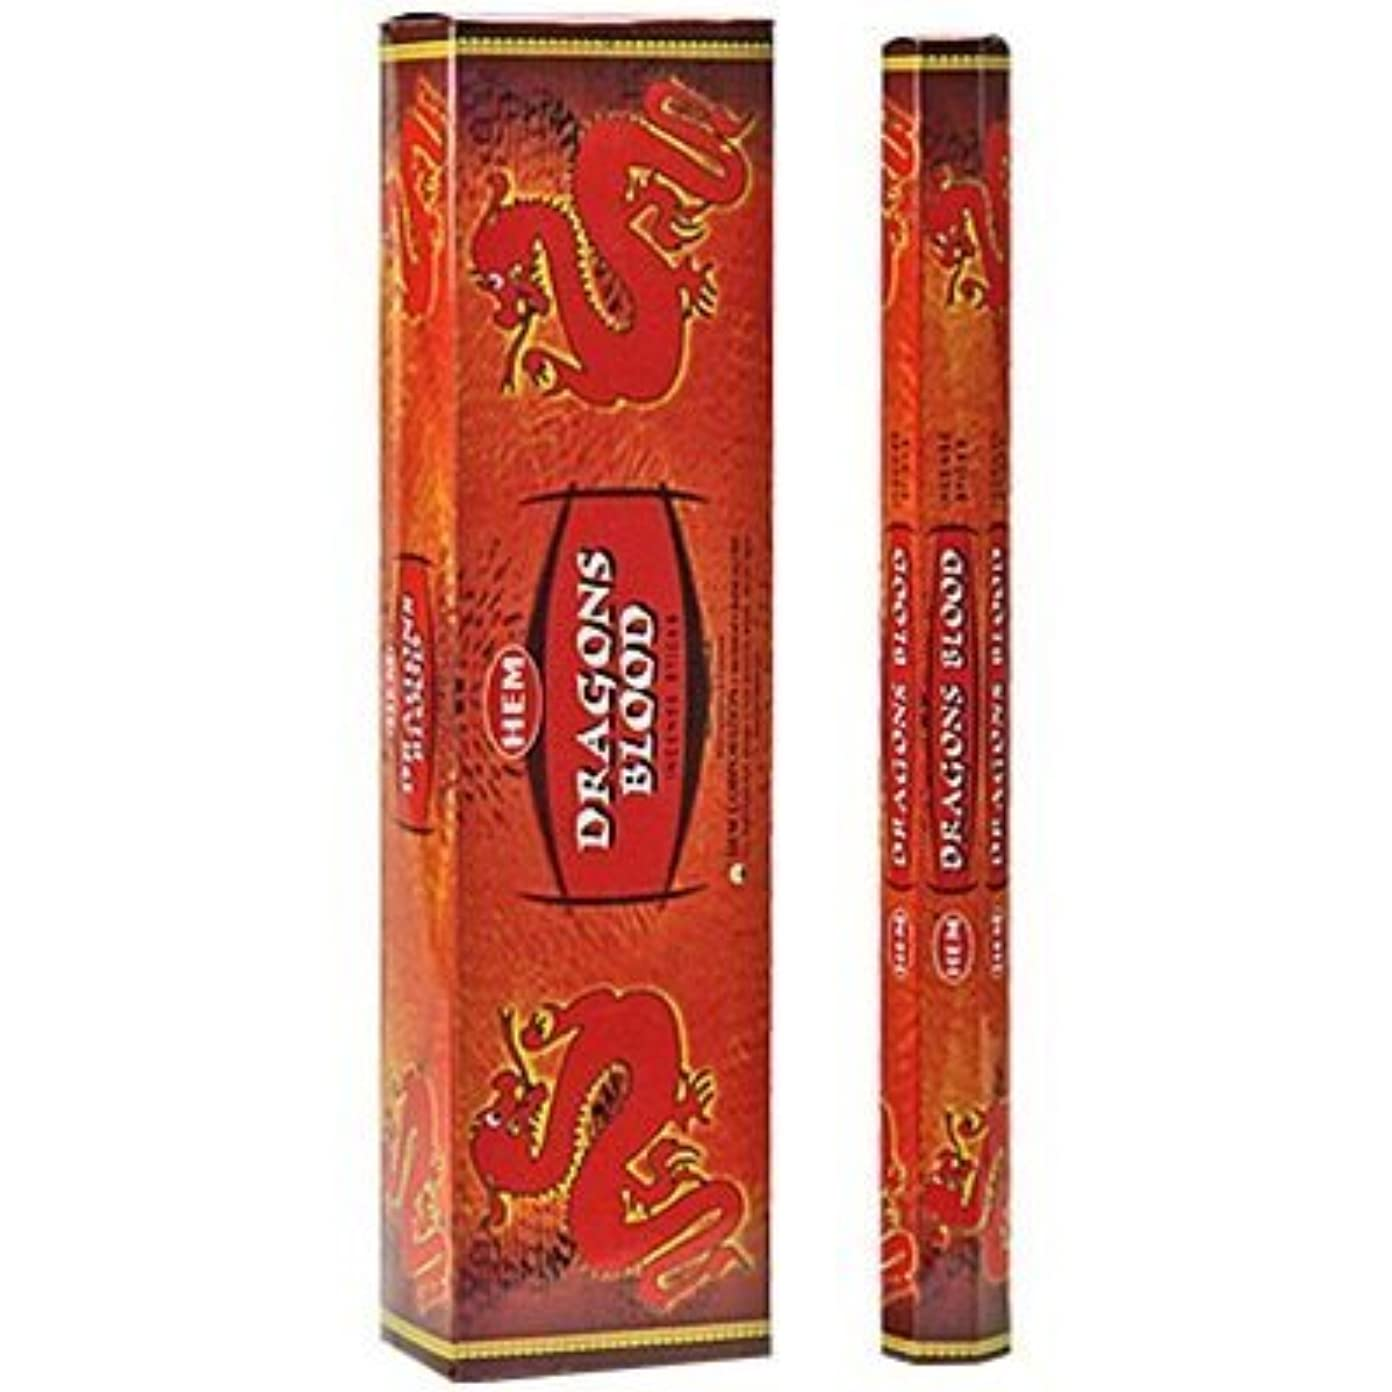 鉄道オープニング安全Dragon Blood 16 Inches Tall – 60ジャンボSticksボックス – 裾Incense